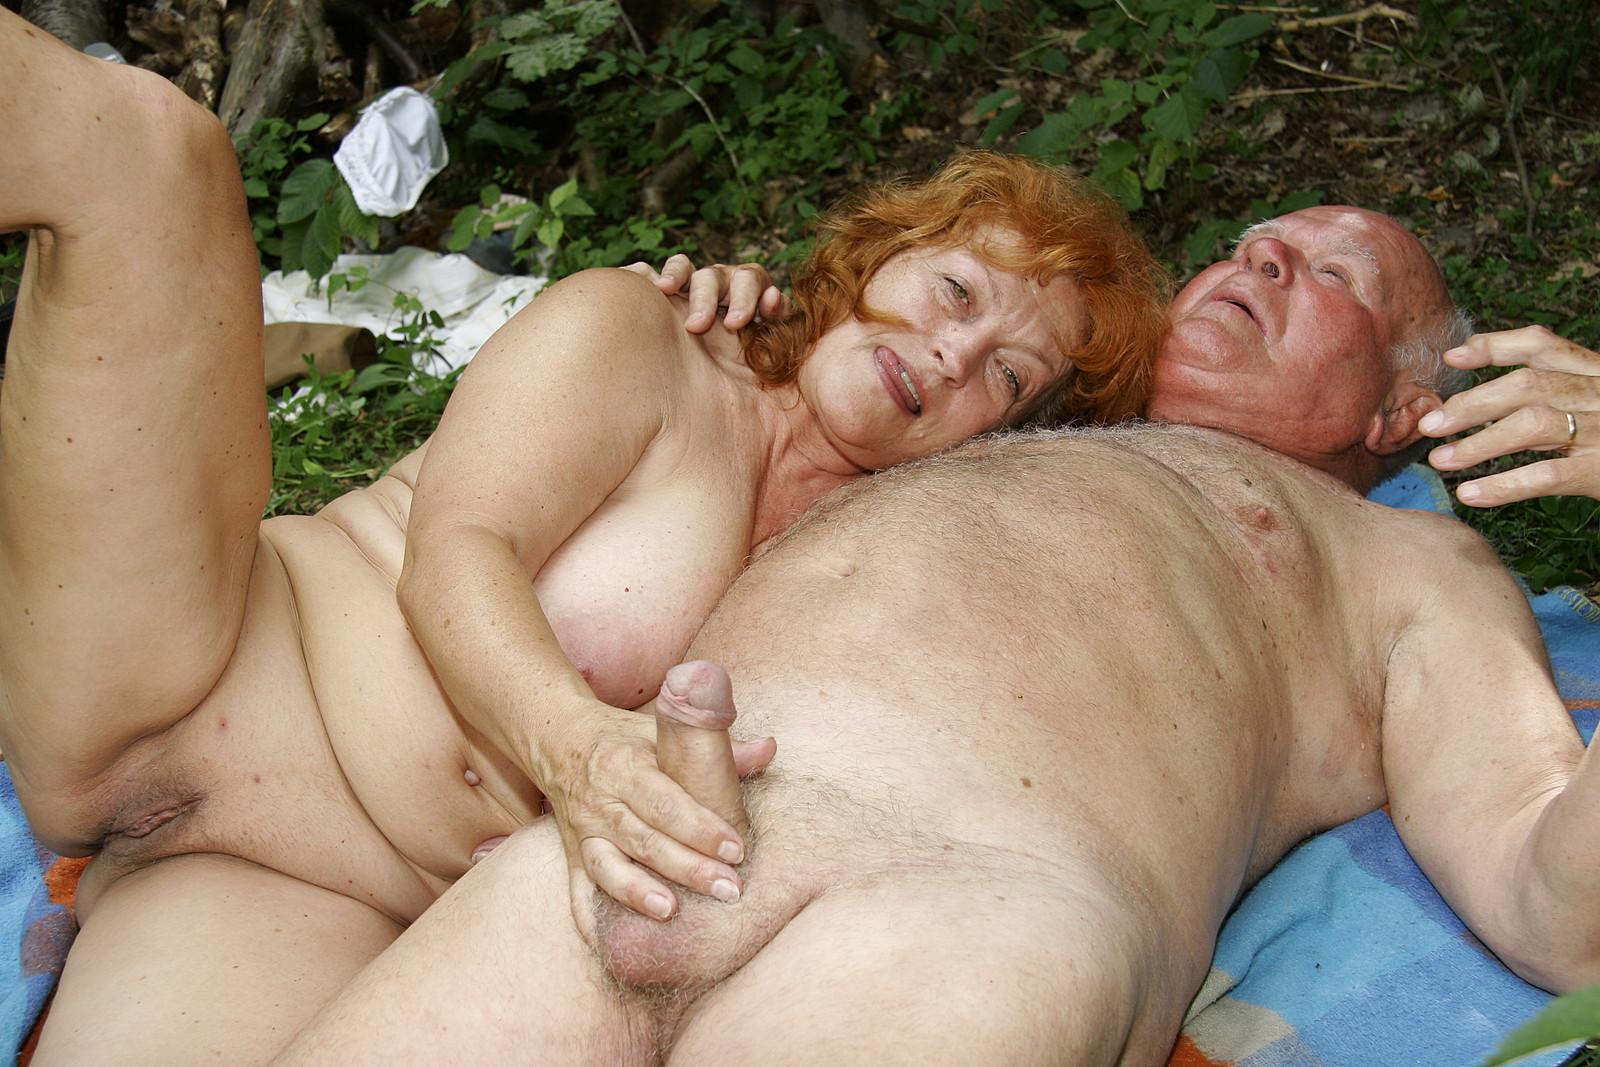 Линками желаете? бабушка и дедушка занимаются сексом что сейчас